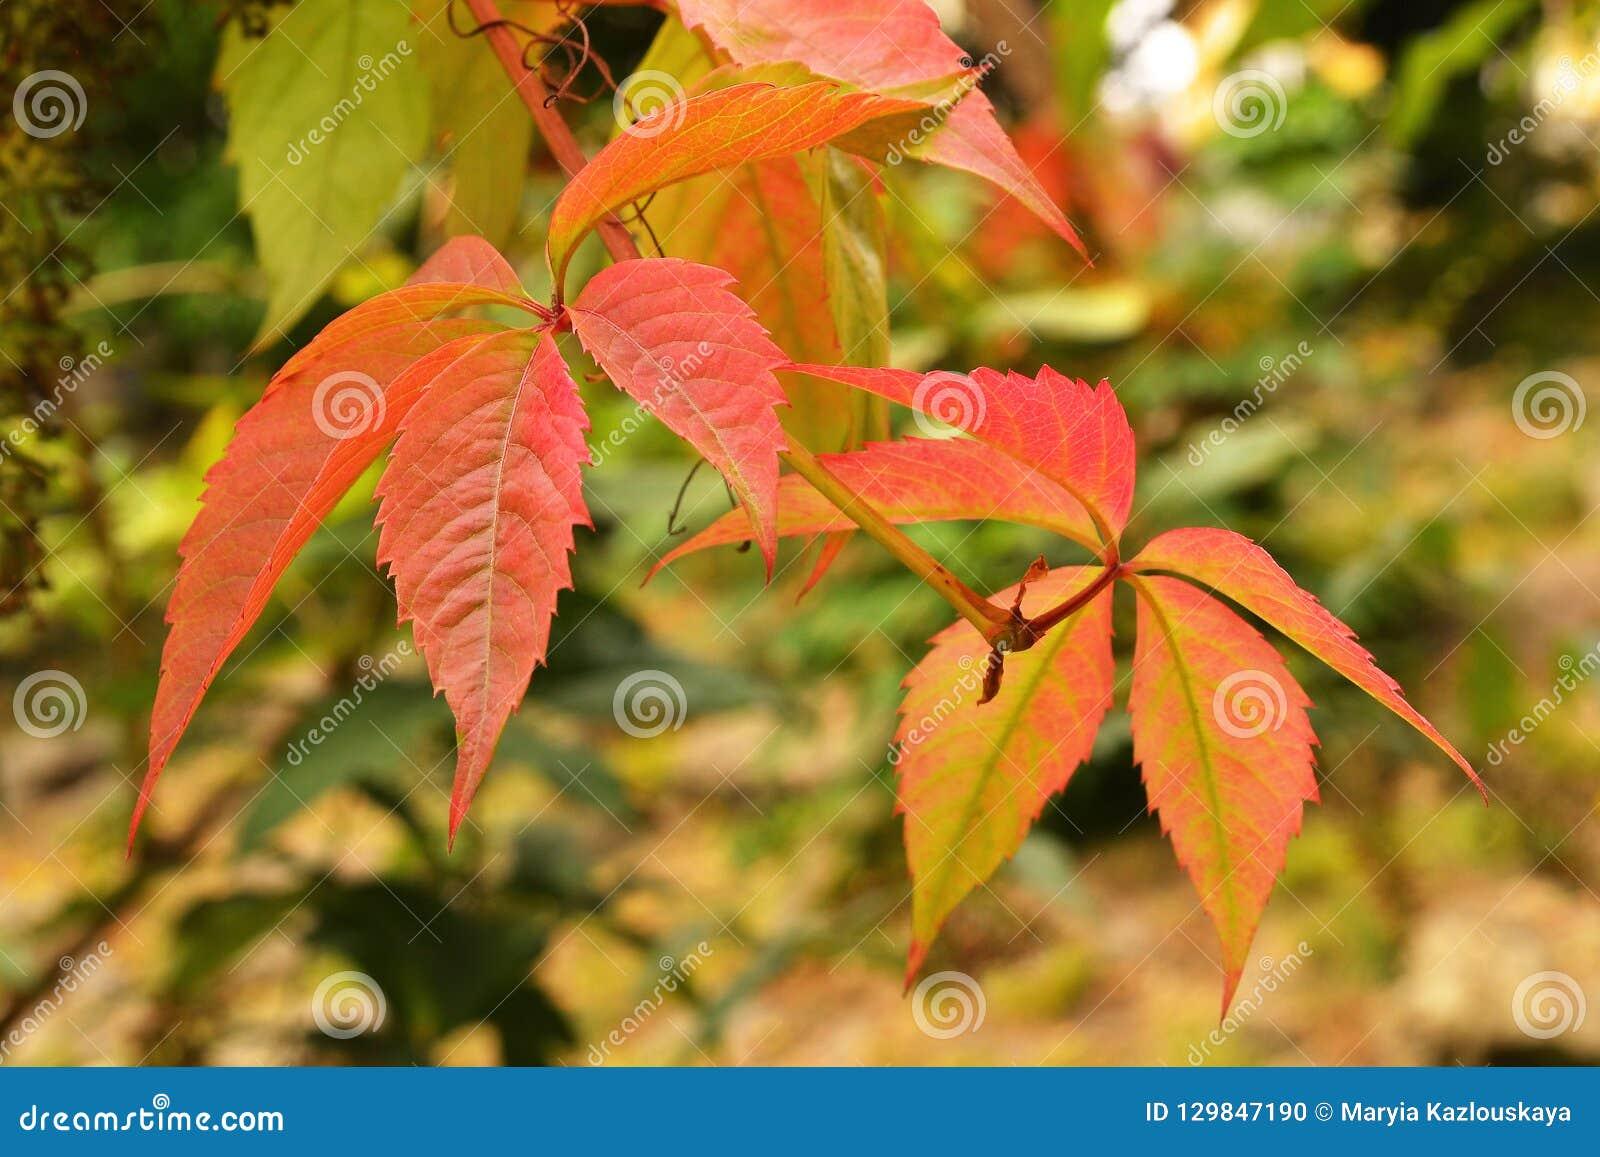 Λίγα κόκκινα φύλλα λυκίσκου σε ένα θολωμένο κιτρινοπράσινο θερμό υπόβαθρο φθινοπώρου